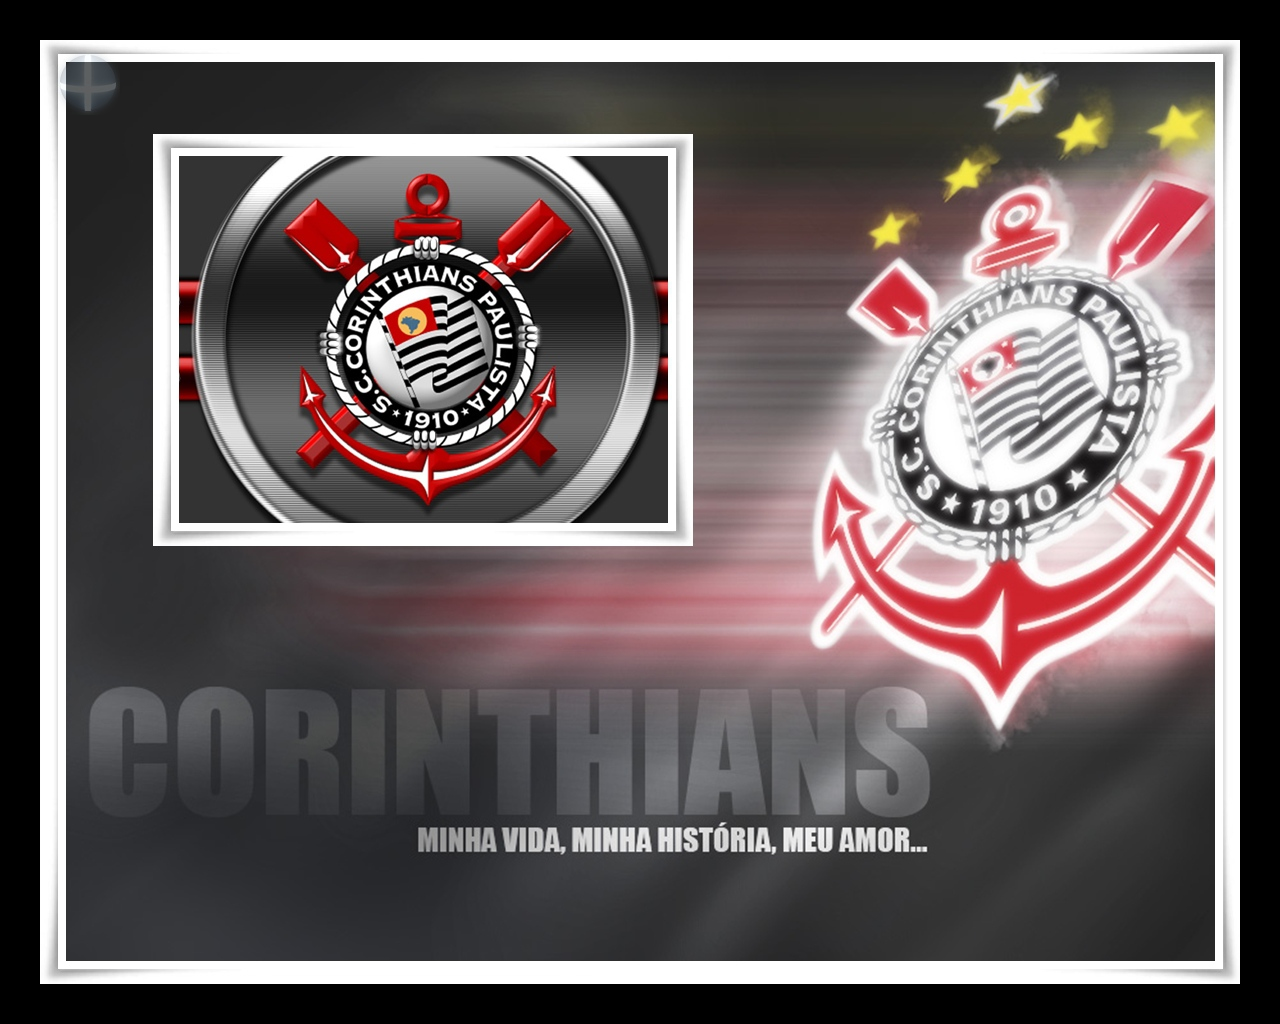 http://4.bp.blogspot.com/-HppPN4QLAOg/T4XXx4dfB6I/AAAAAAAALCk/xENaixD2bEI/s1600/Corinthians+HD+3dfoto3d.blogspot.com.br+(12).jpg